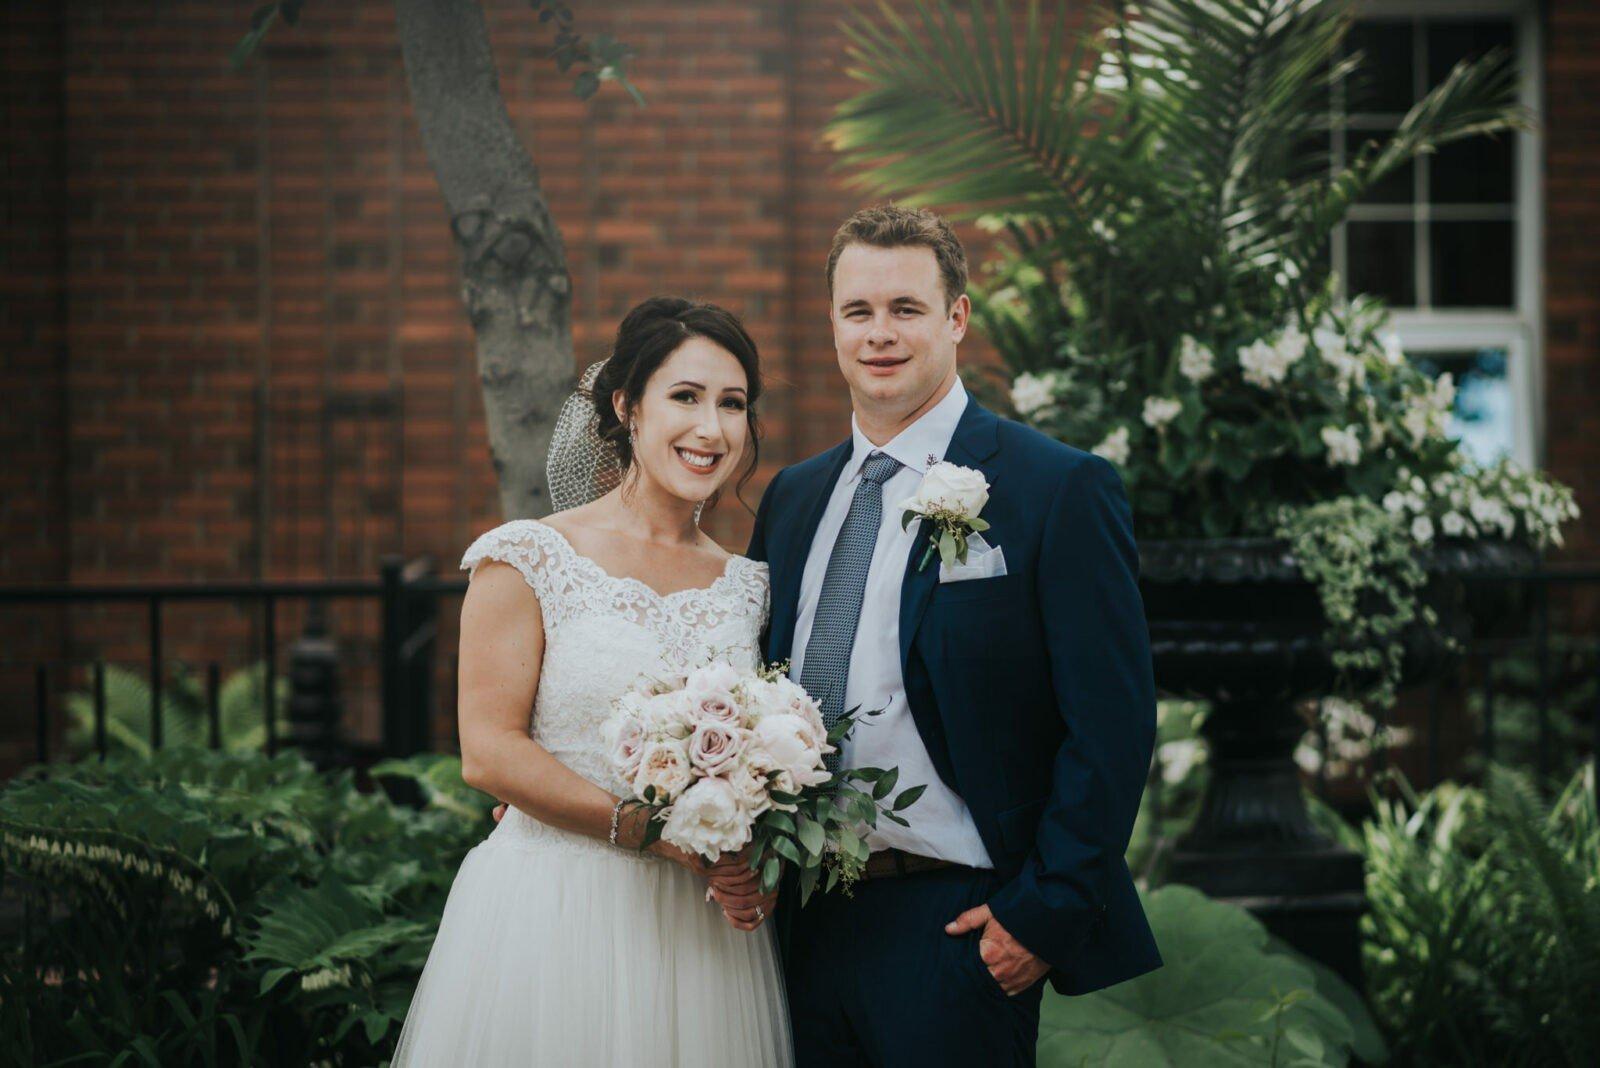 edmonton rivervalley wedding photos